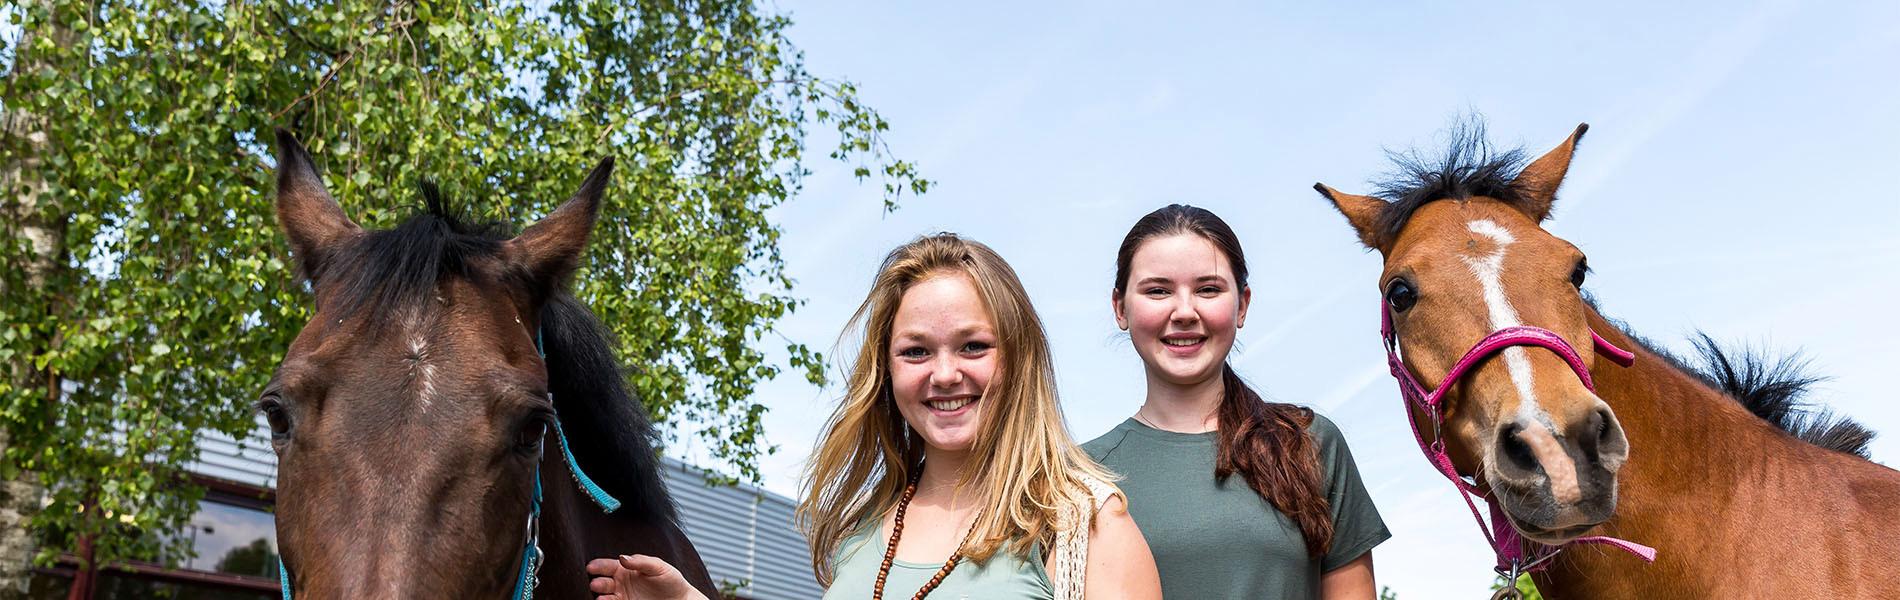 VMBO Nijkerk twee meisjes met twee paarden